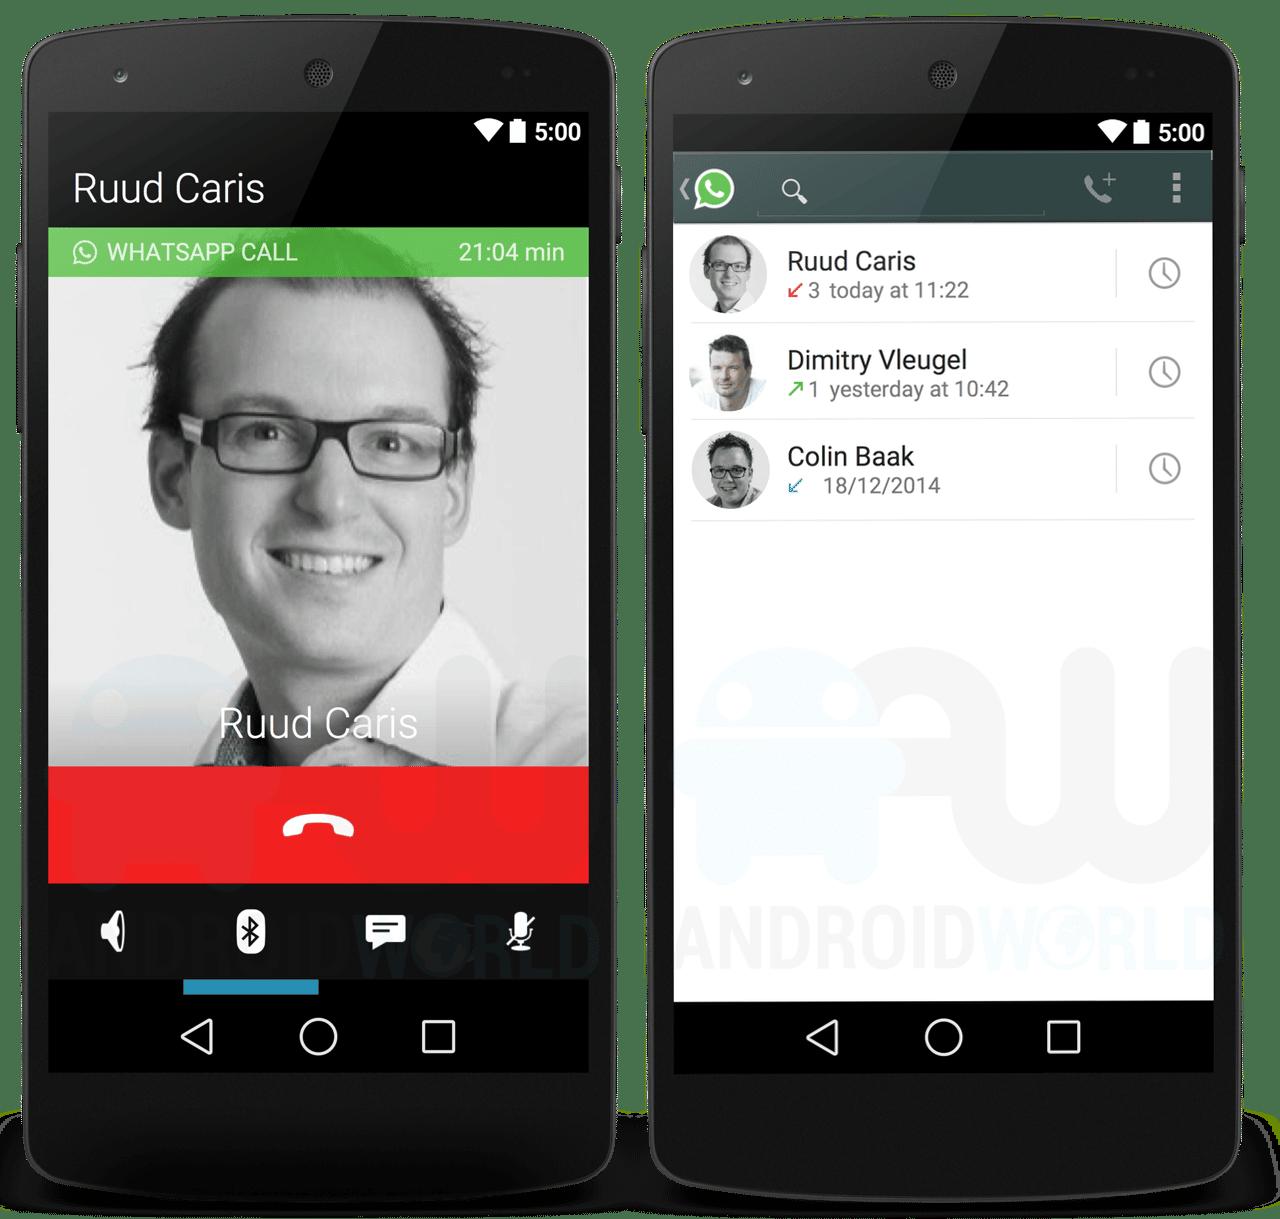 La aparición de las llamas online en WhatsApp pusieron en alerta a las compañías telefónicas en Europa.